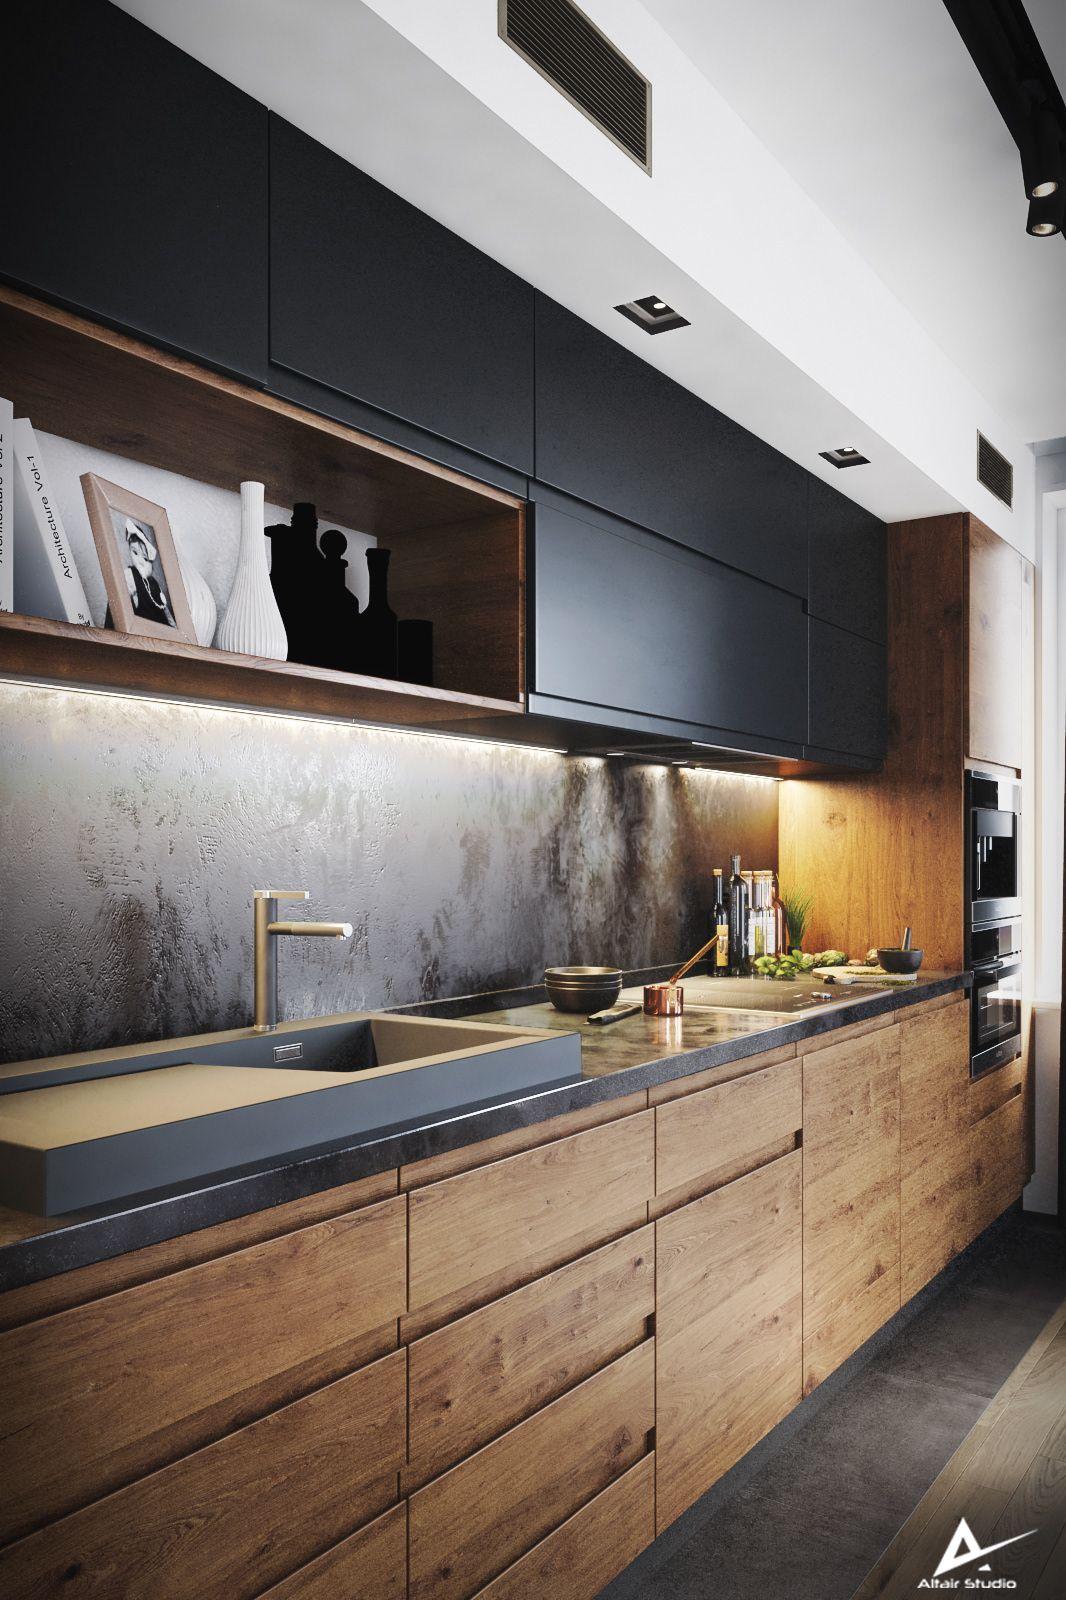 Modern Dark Kitchen on Behance   Industrial style kitchen, Kitchen ...